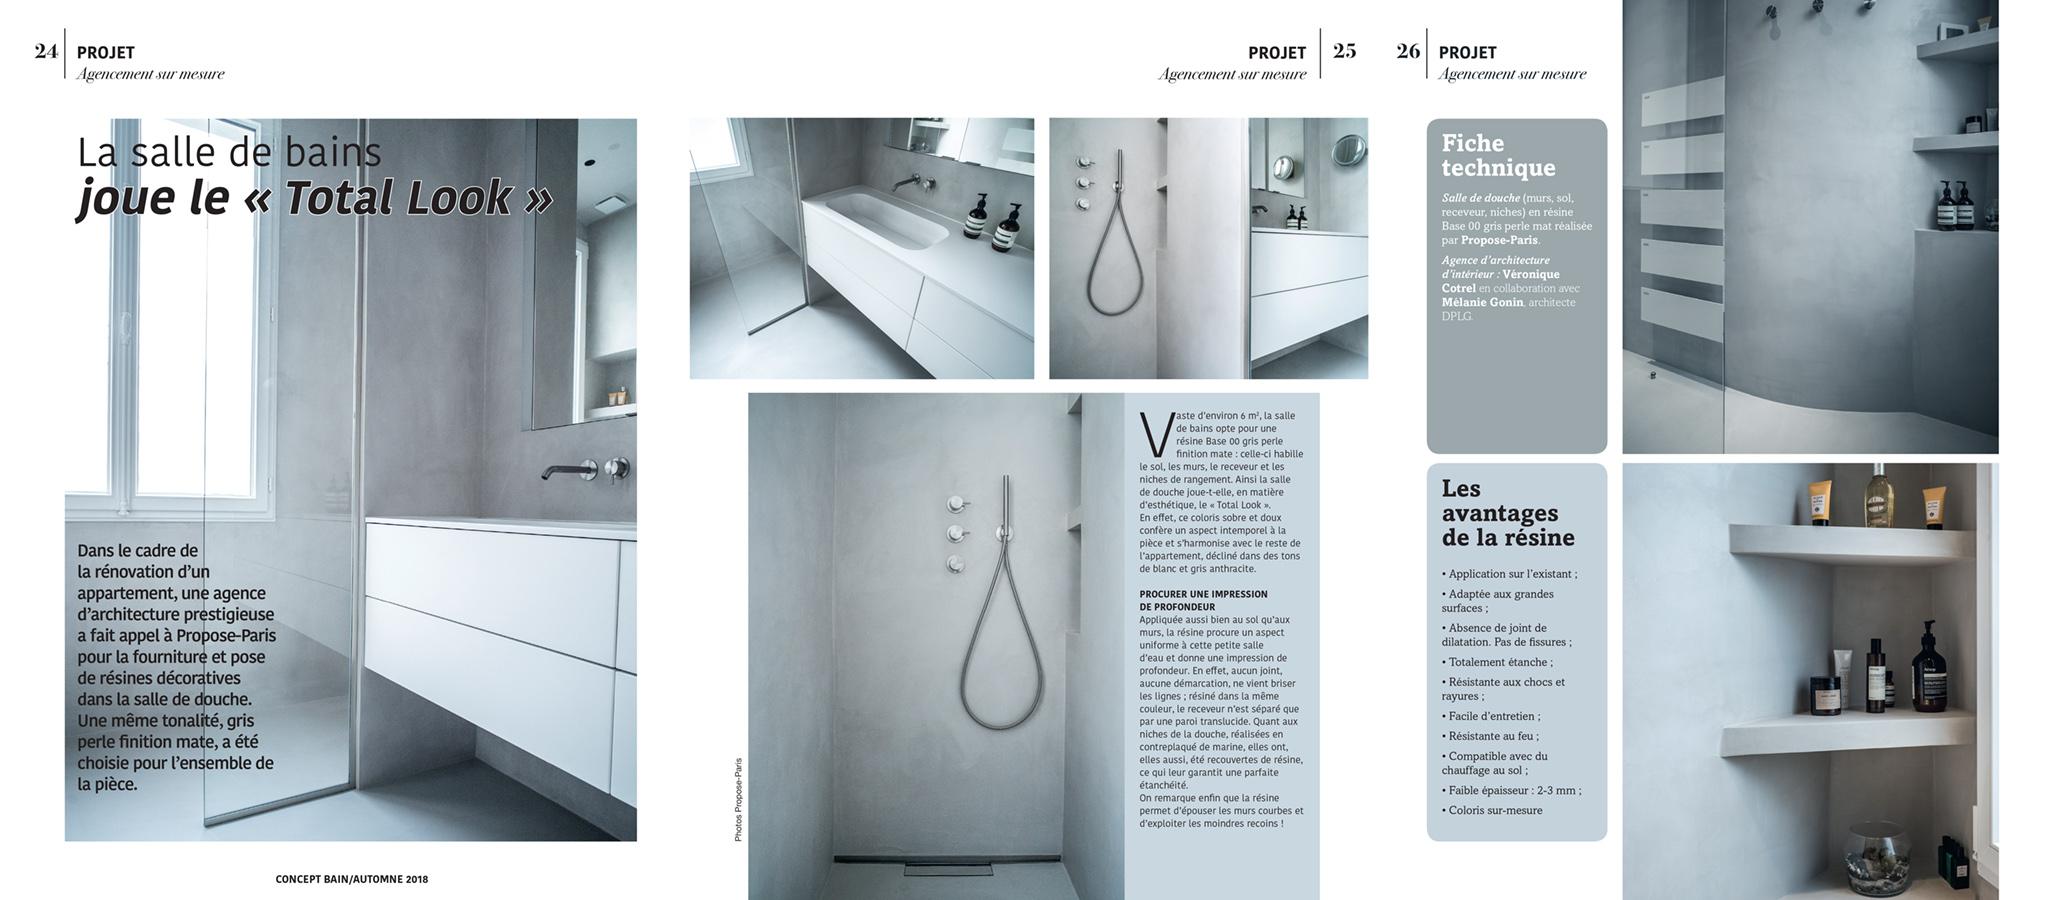 Concept-bain-Octobre-2018-n°6-page-26-à-28-Résine-Propose-Paris_WEB.jpg